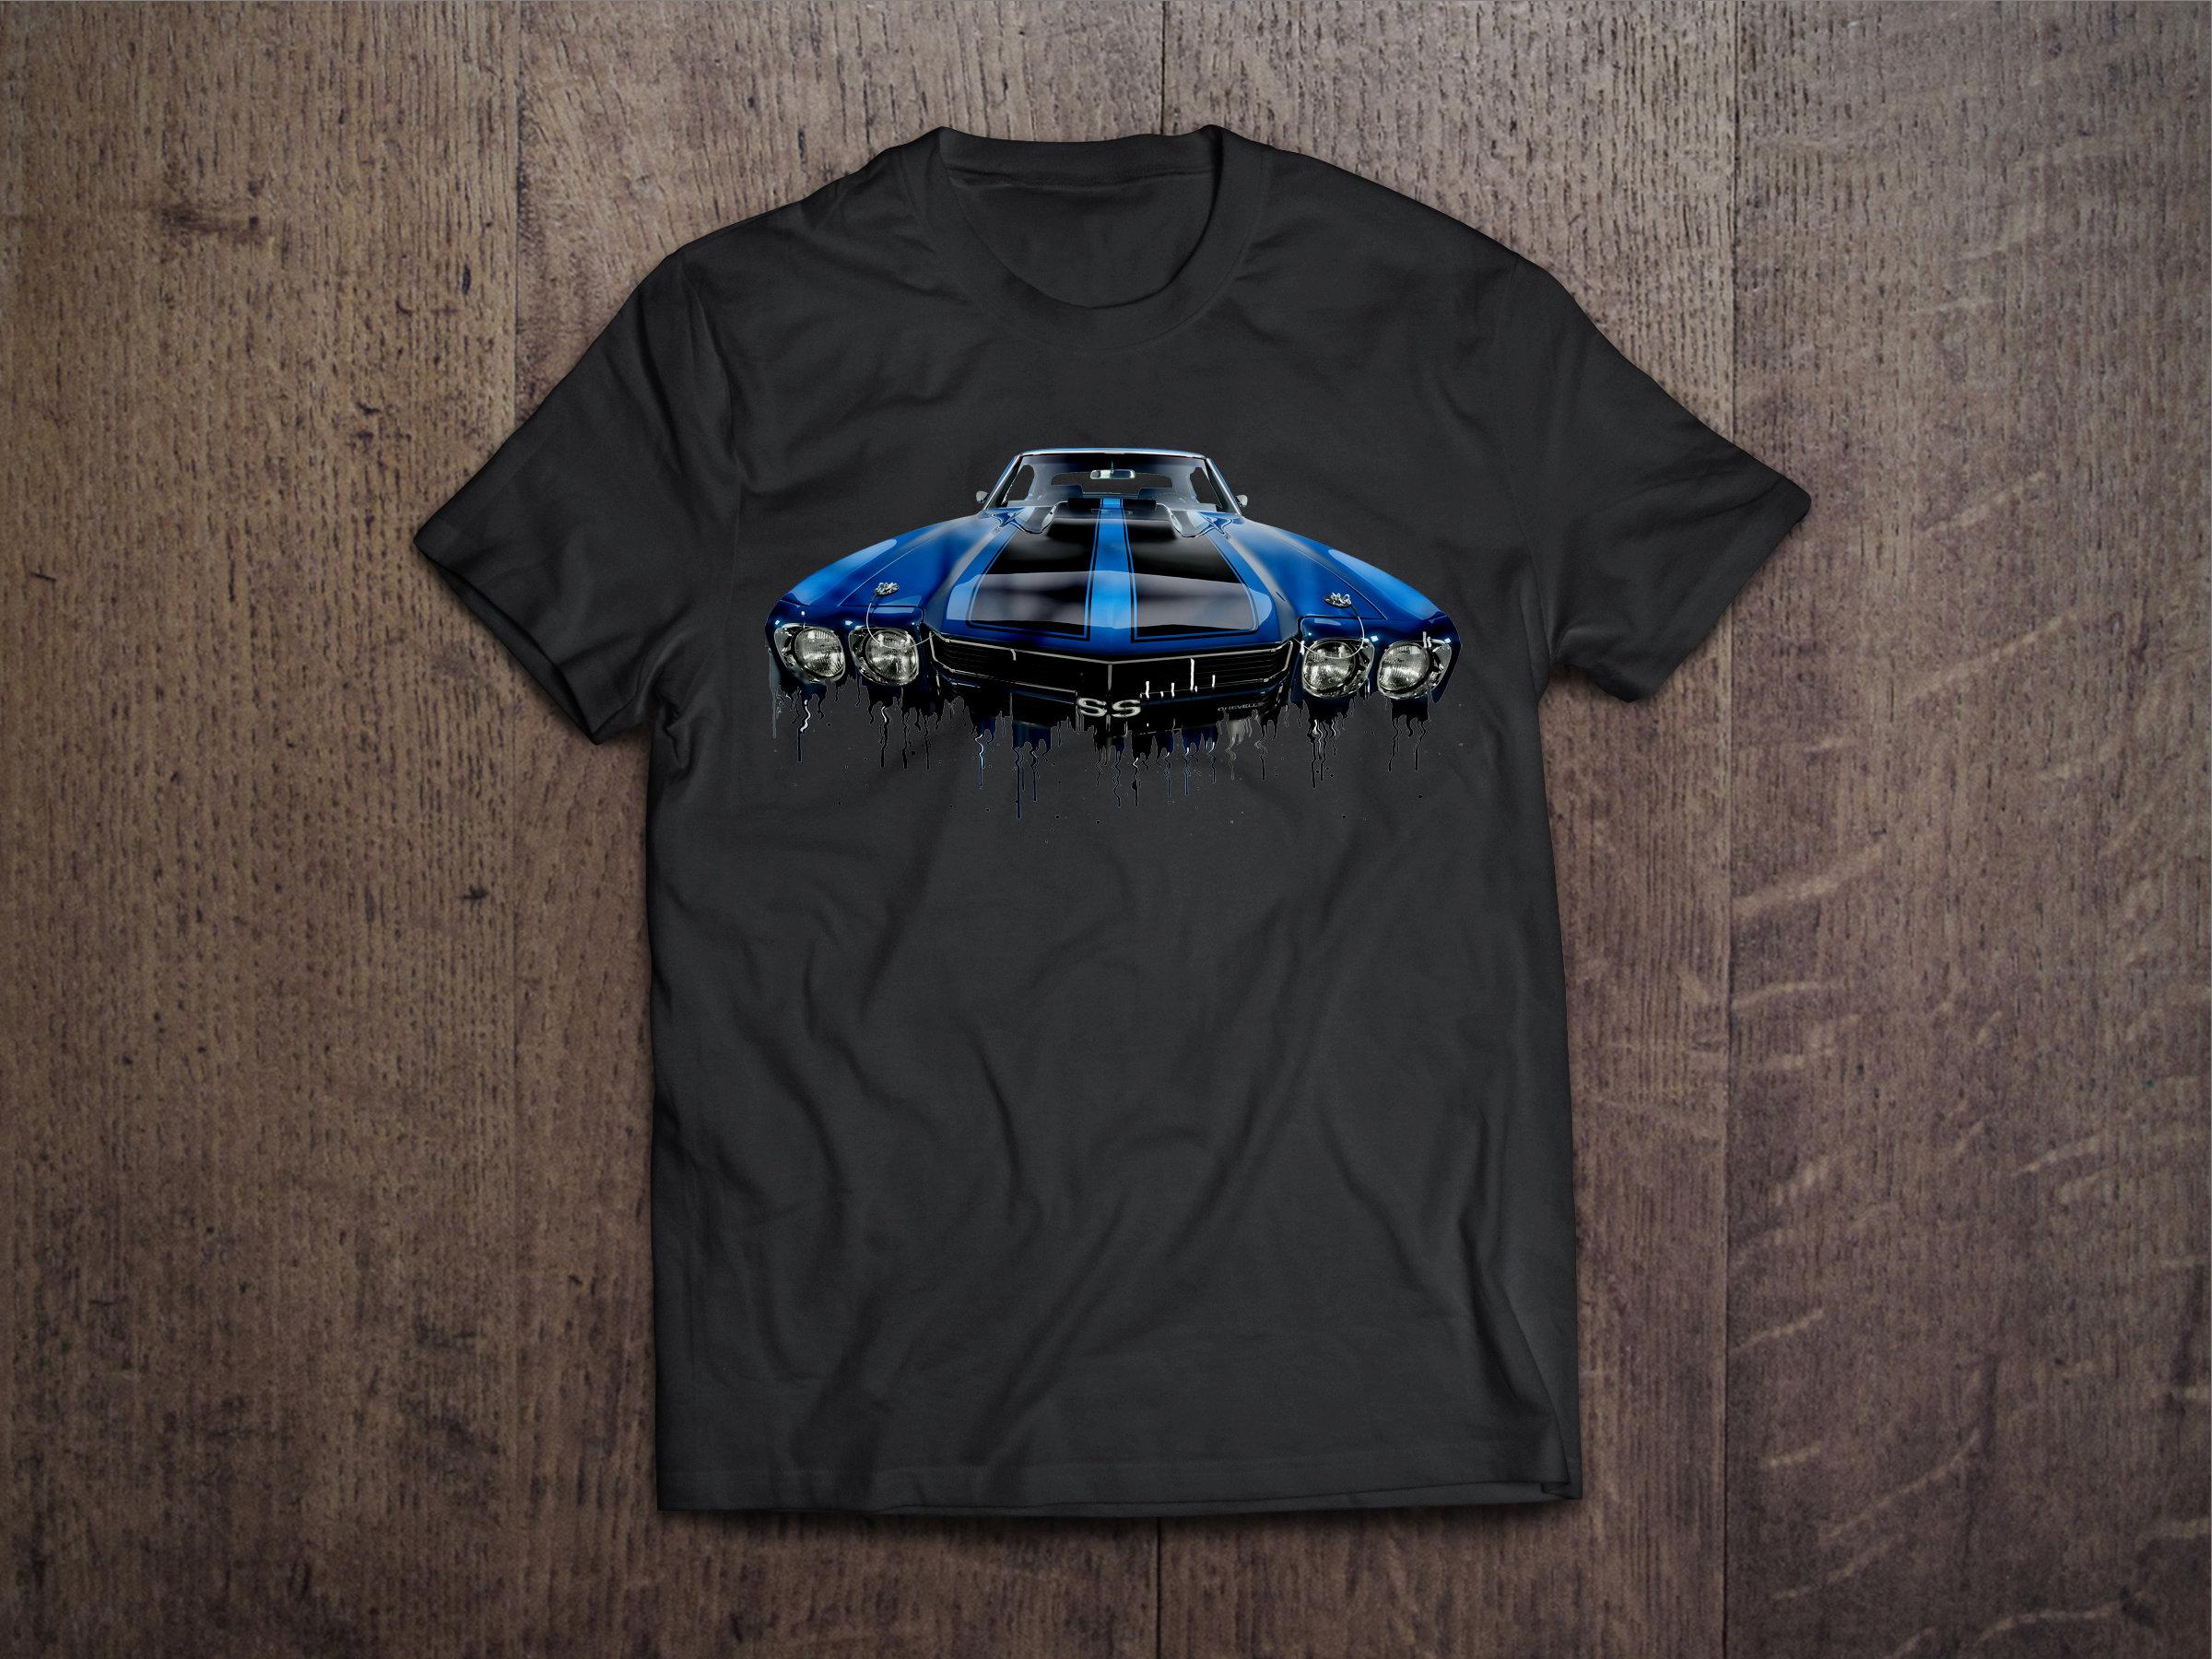 Chevrolet Chevelle Liquid Metal Chevrolet Liquid Metal Chevelle Tshirt